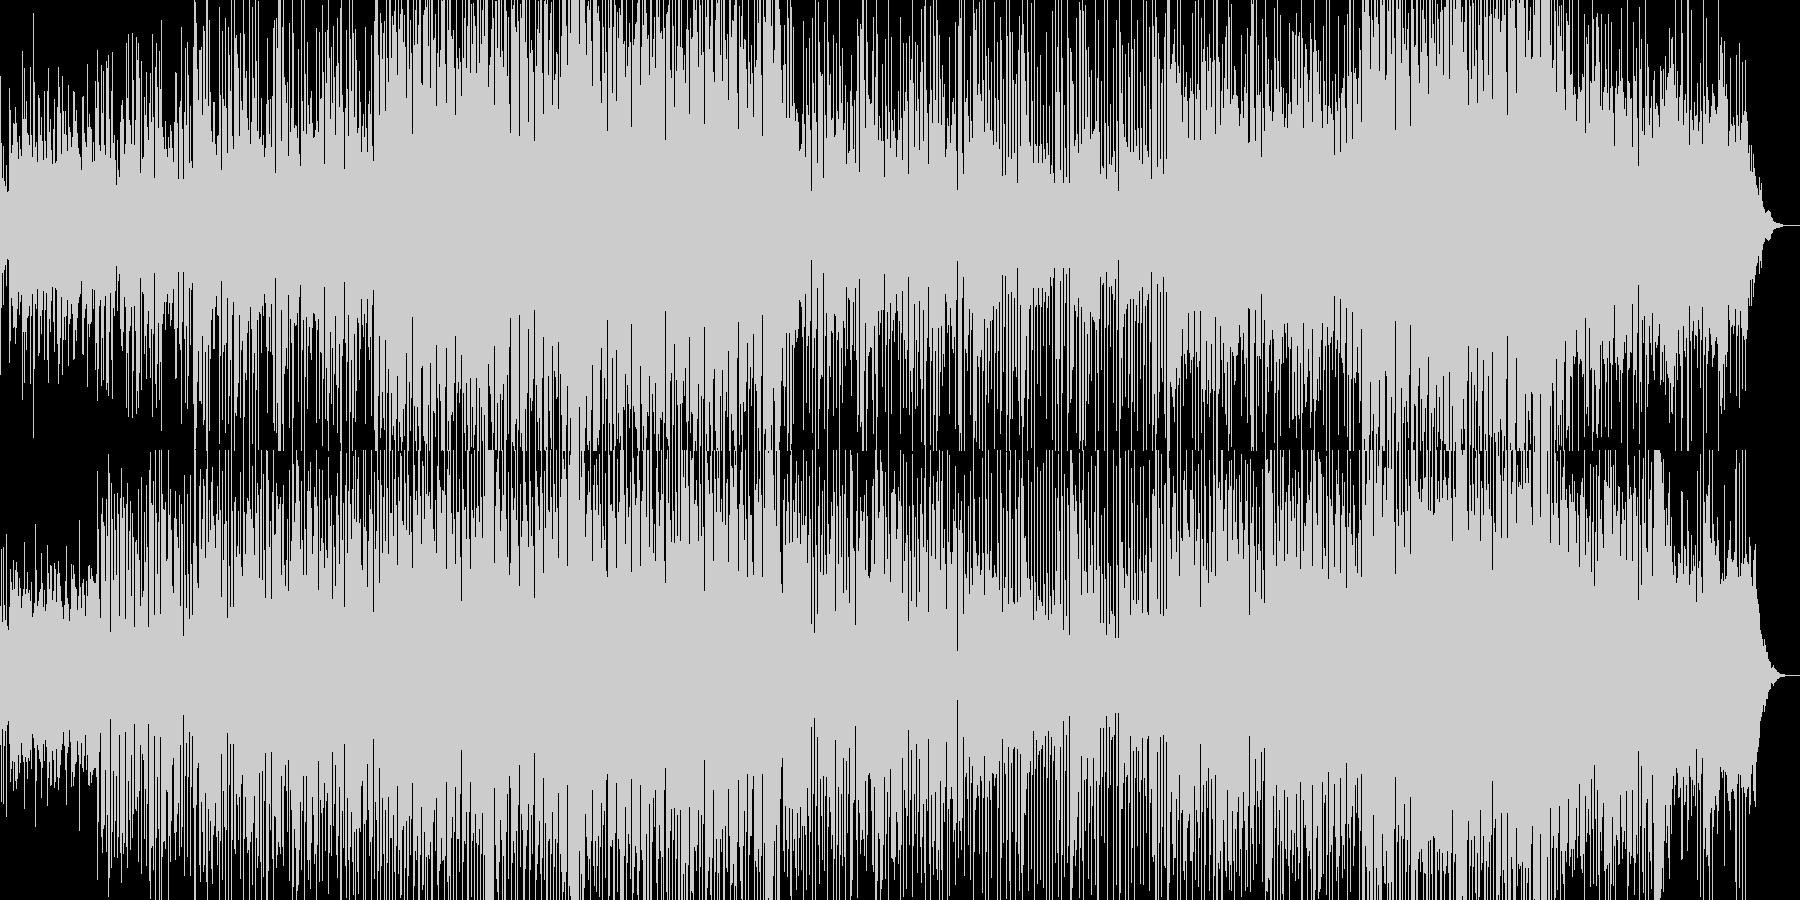 不安と押し寄せる緊張感が感じられるBGMの未再生の波形